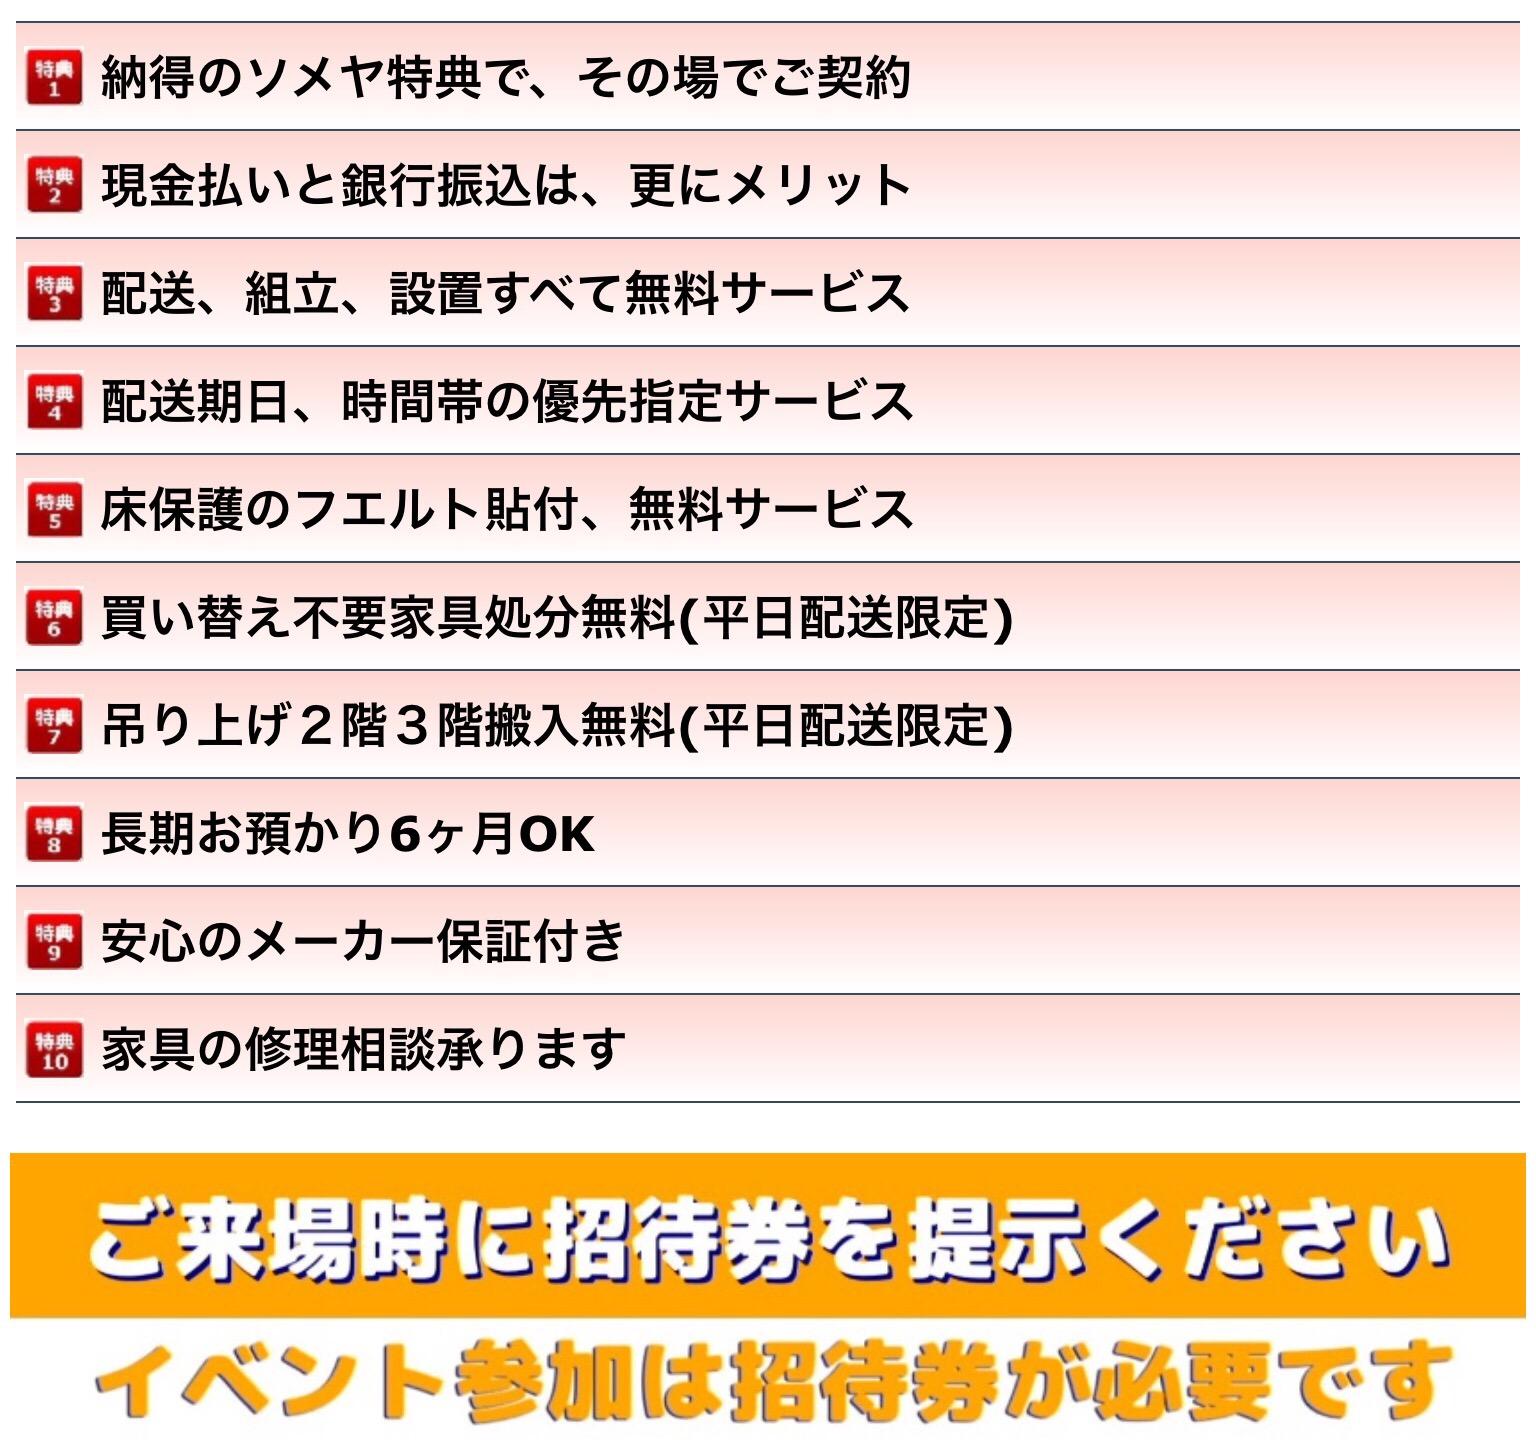 カリモク仙台イベント10大特典